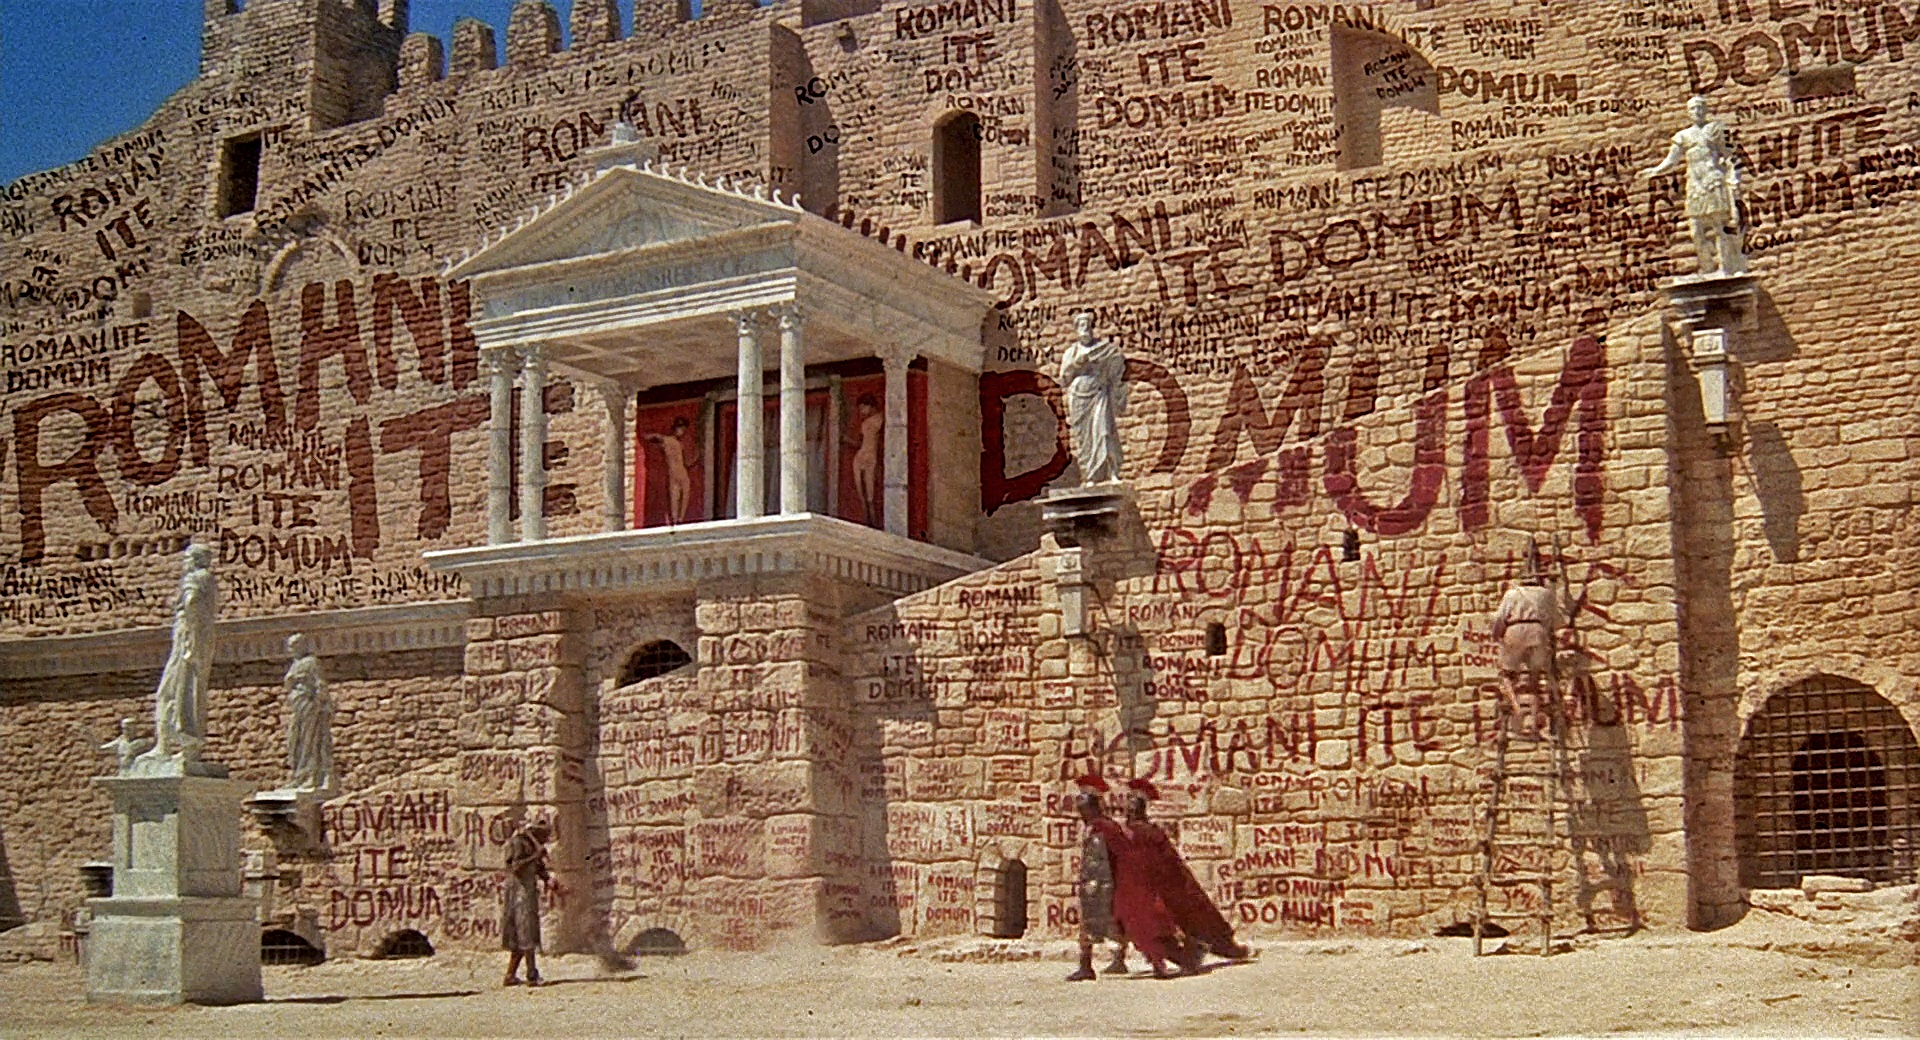 romani ite domum2